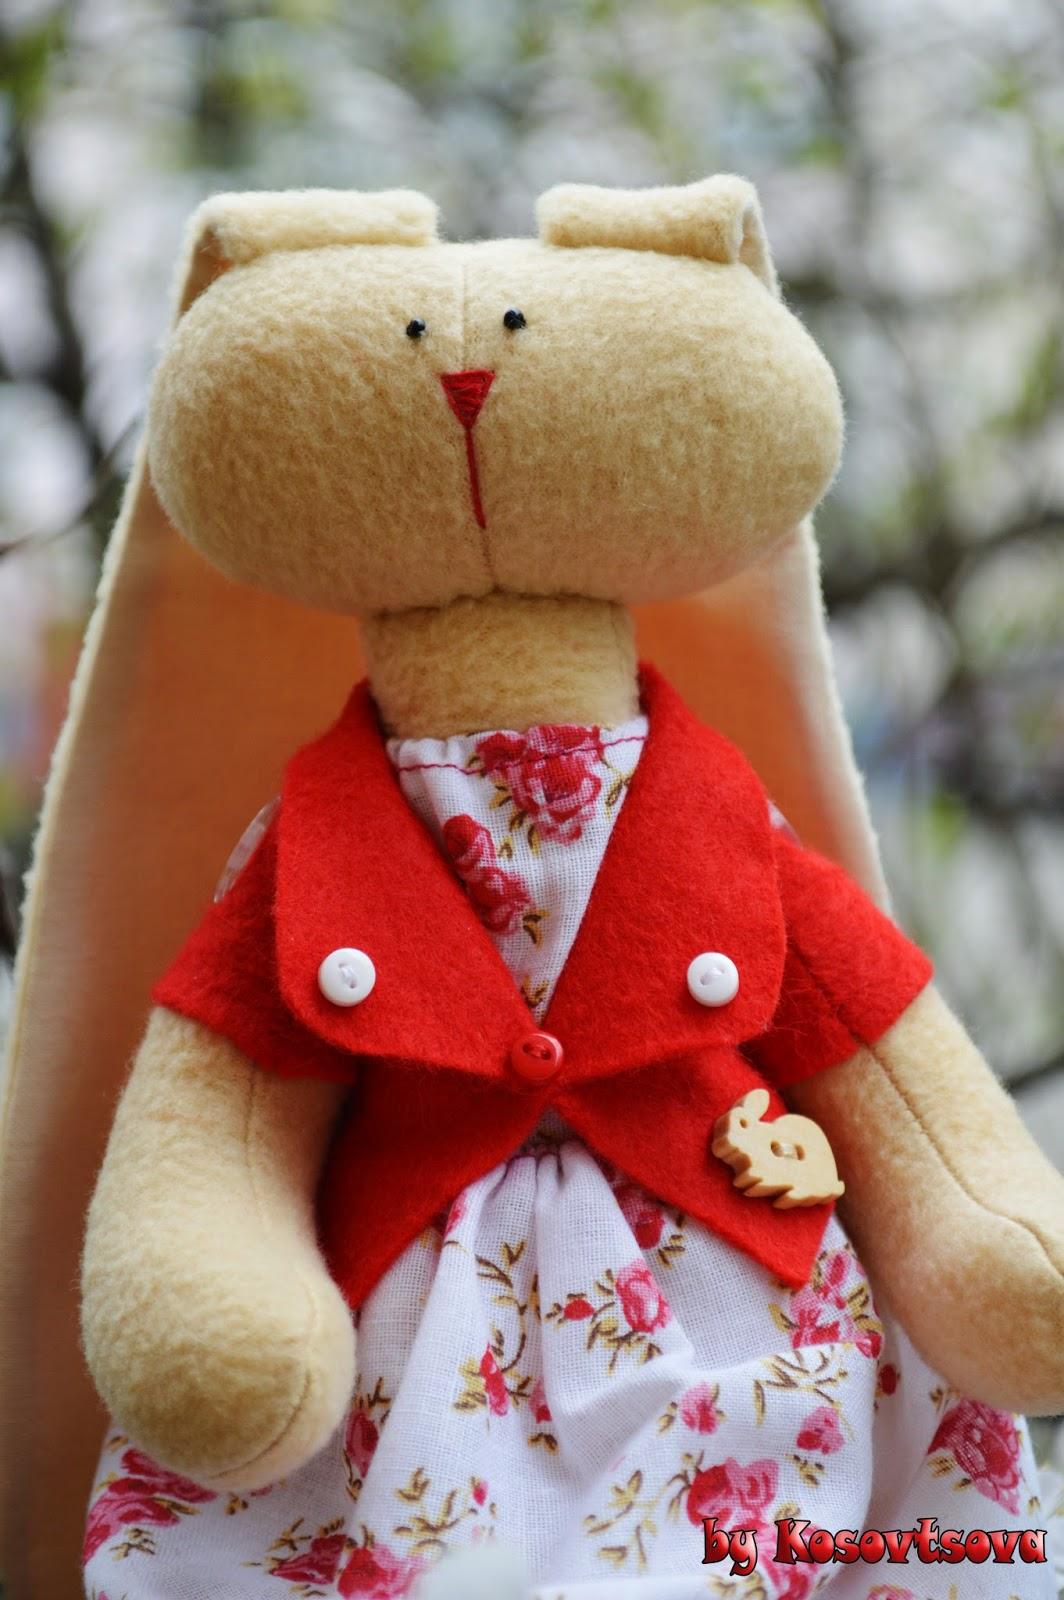 Tilda, ручная работа, игрушки Киев, подарки на день рождения, подарок на свадьбу, подарок для детей, игрушка для ребенка заяц, украинские игрушки для детей